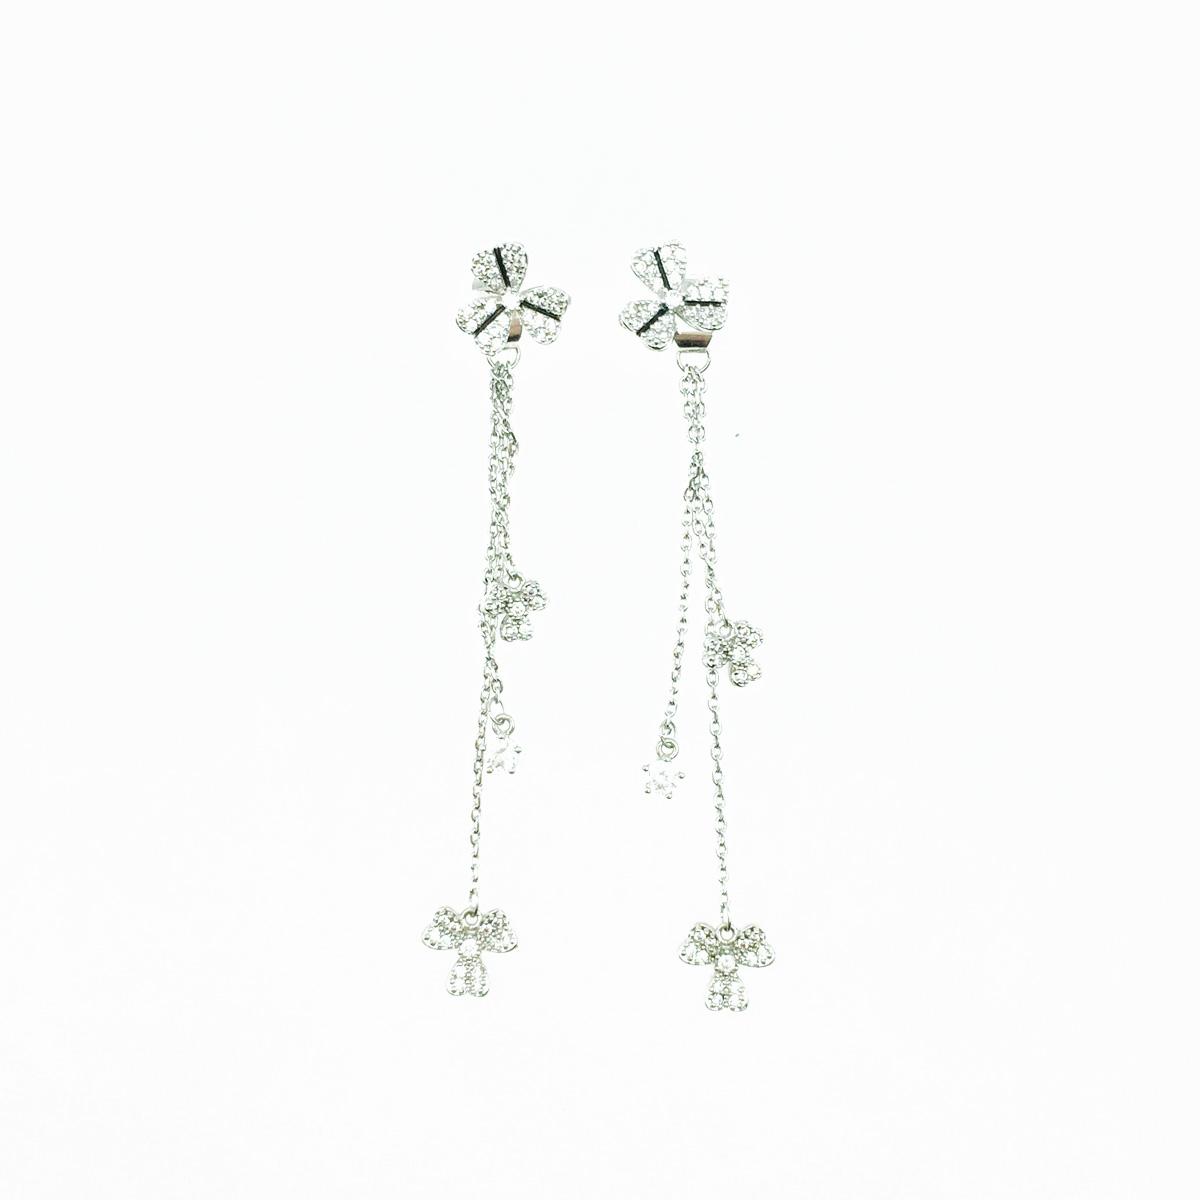 韓國 925純銀 幸運草造型 愛心葉子 水鑽 垂墜感 耳針式耳環